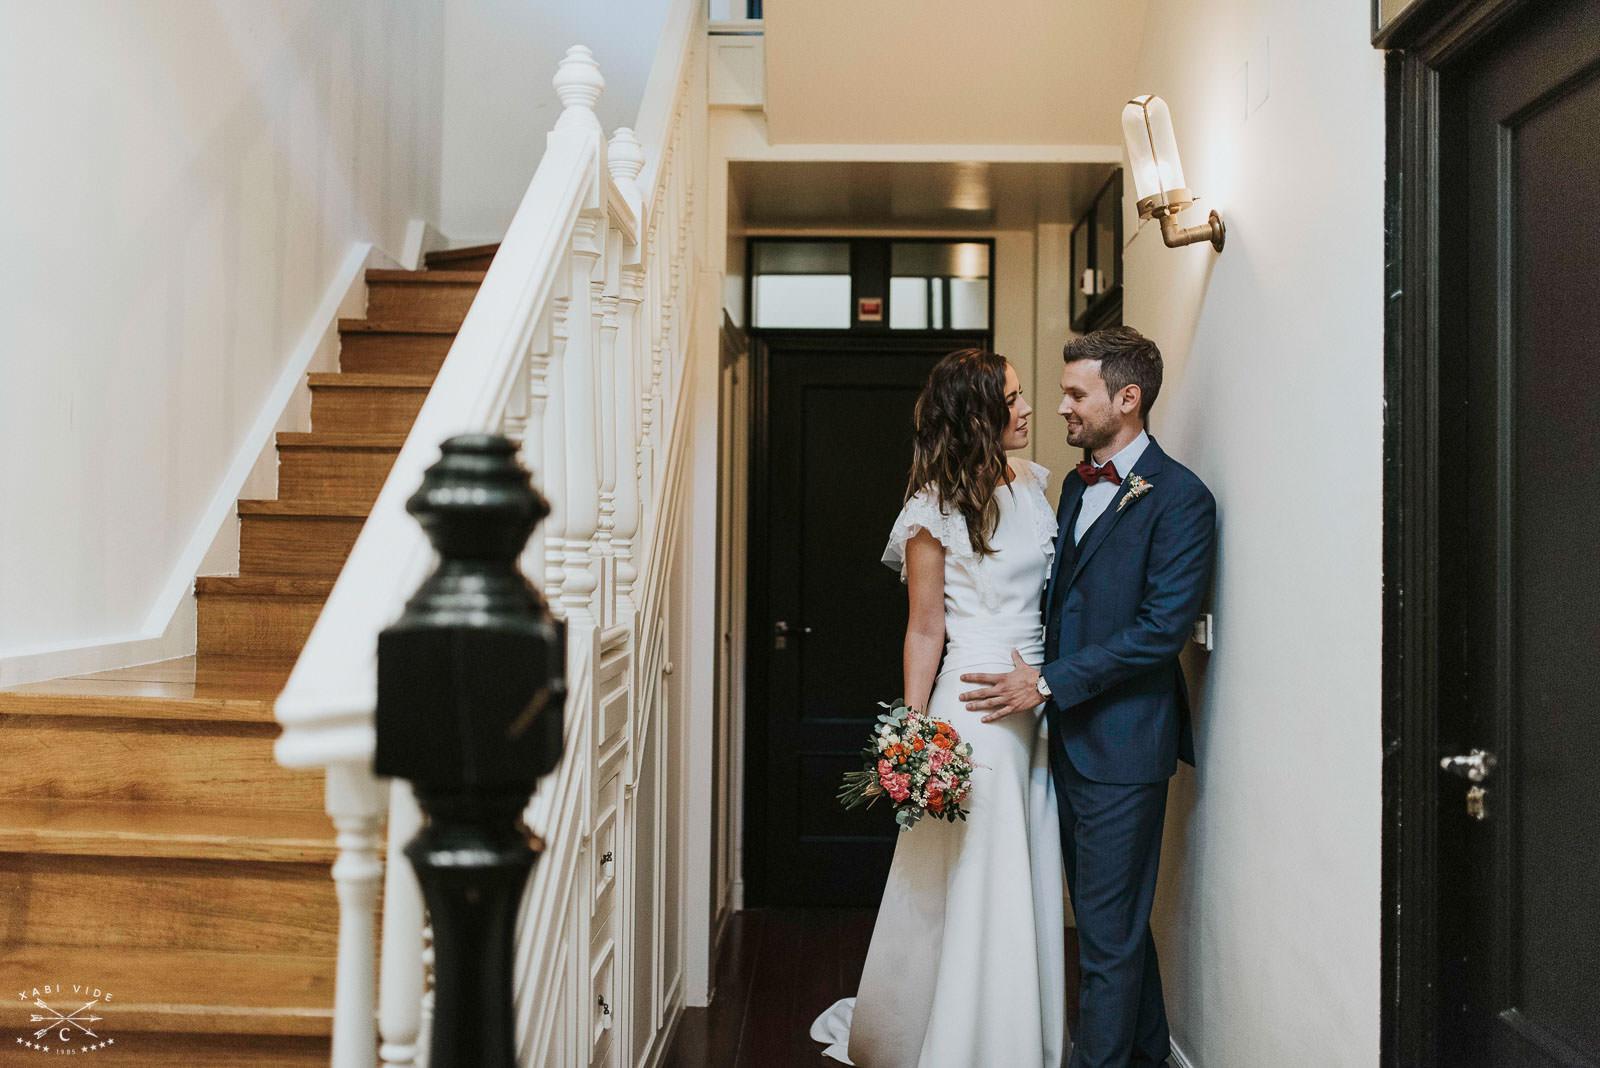 fotografo de bodas en bilbao-122